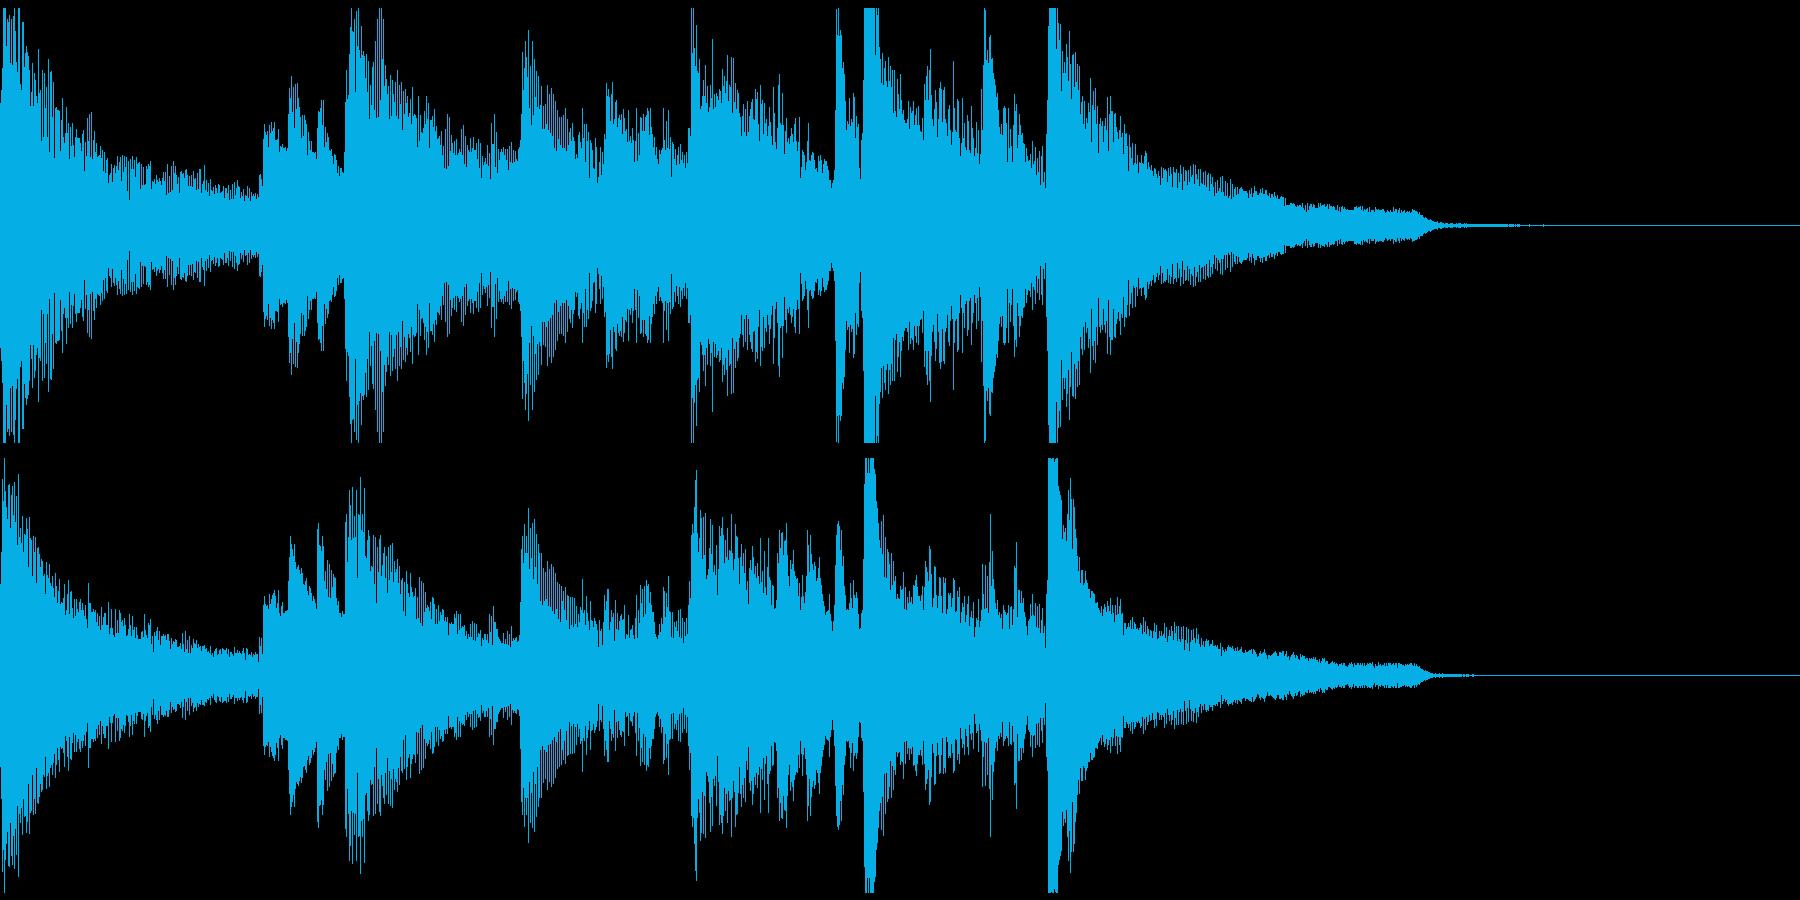 都会的なジャズピアノのジングルの再生済みの波形